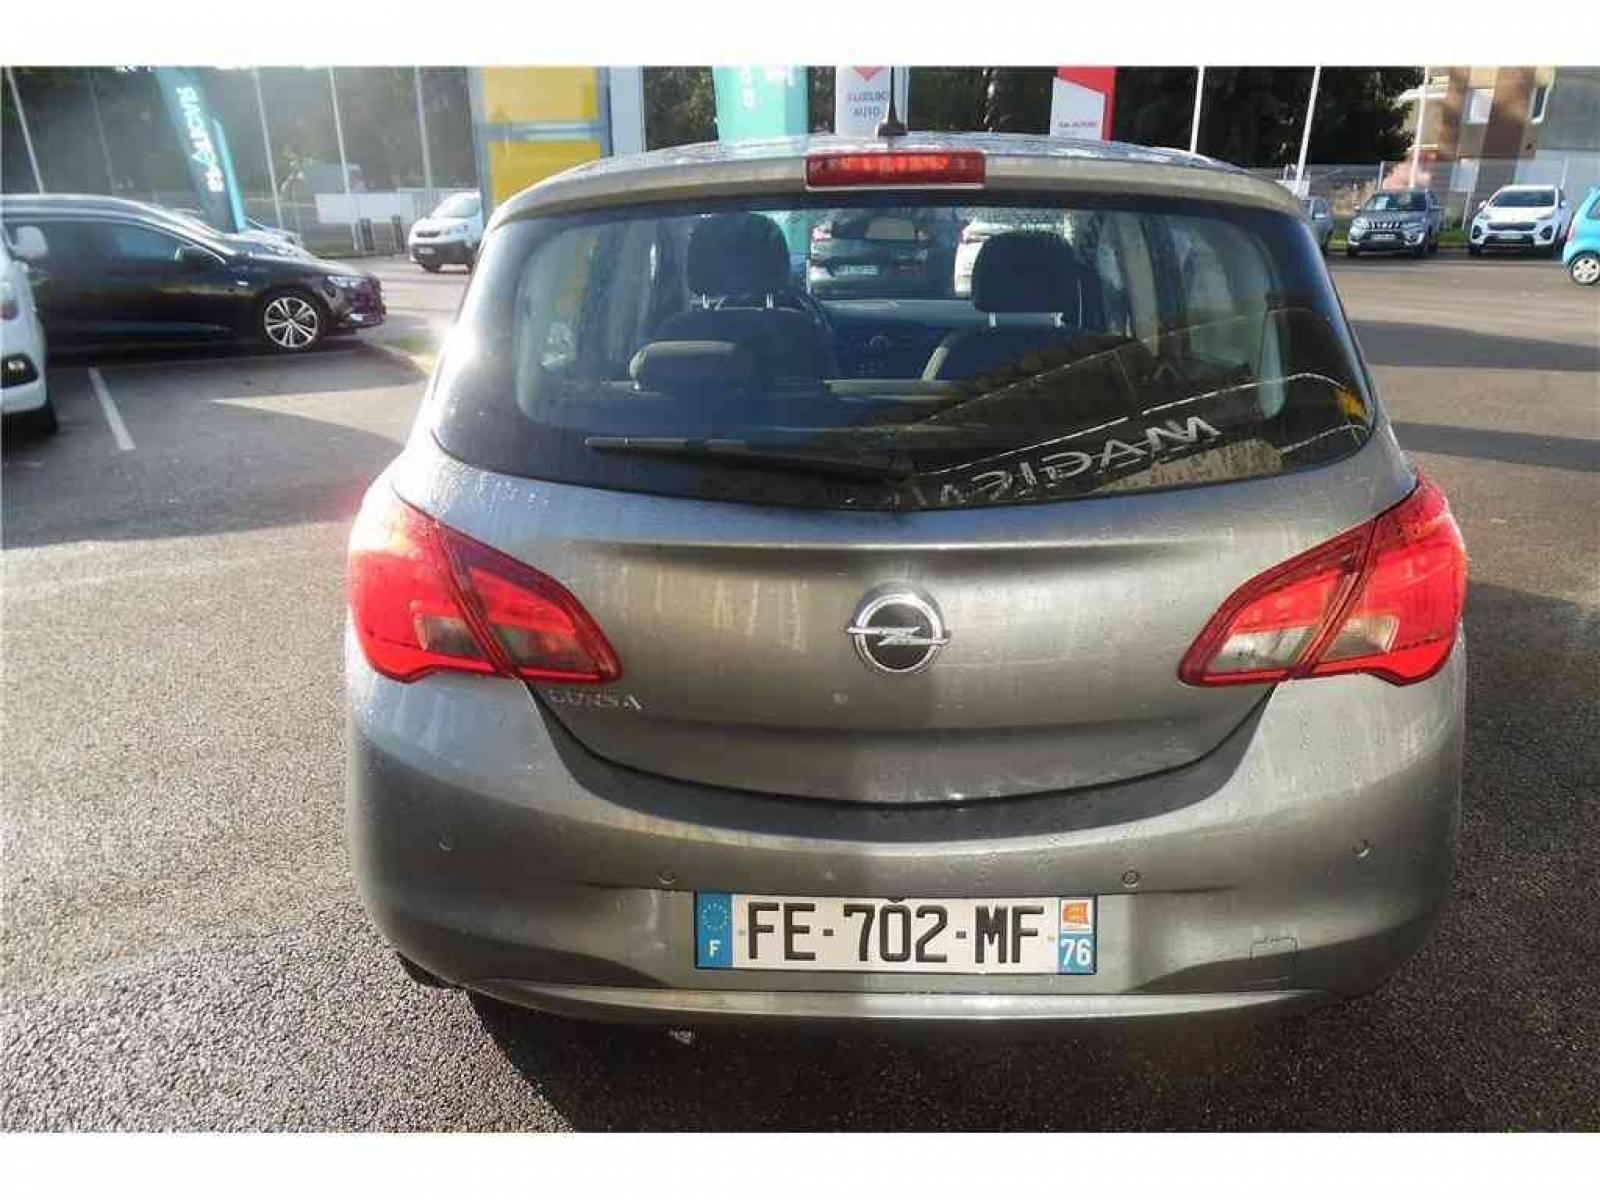 OPEL Corsa 1.4 90 ch - véhicule d'occasion - Groupe Guillet - Opel Magicauto - Montceau-les-Mines - 71300 - Montceau-les-Mines - 25